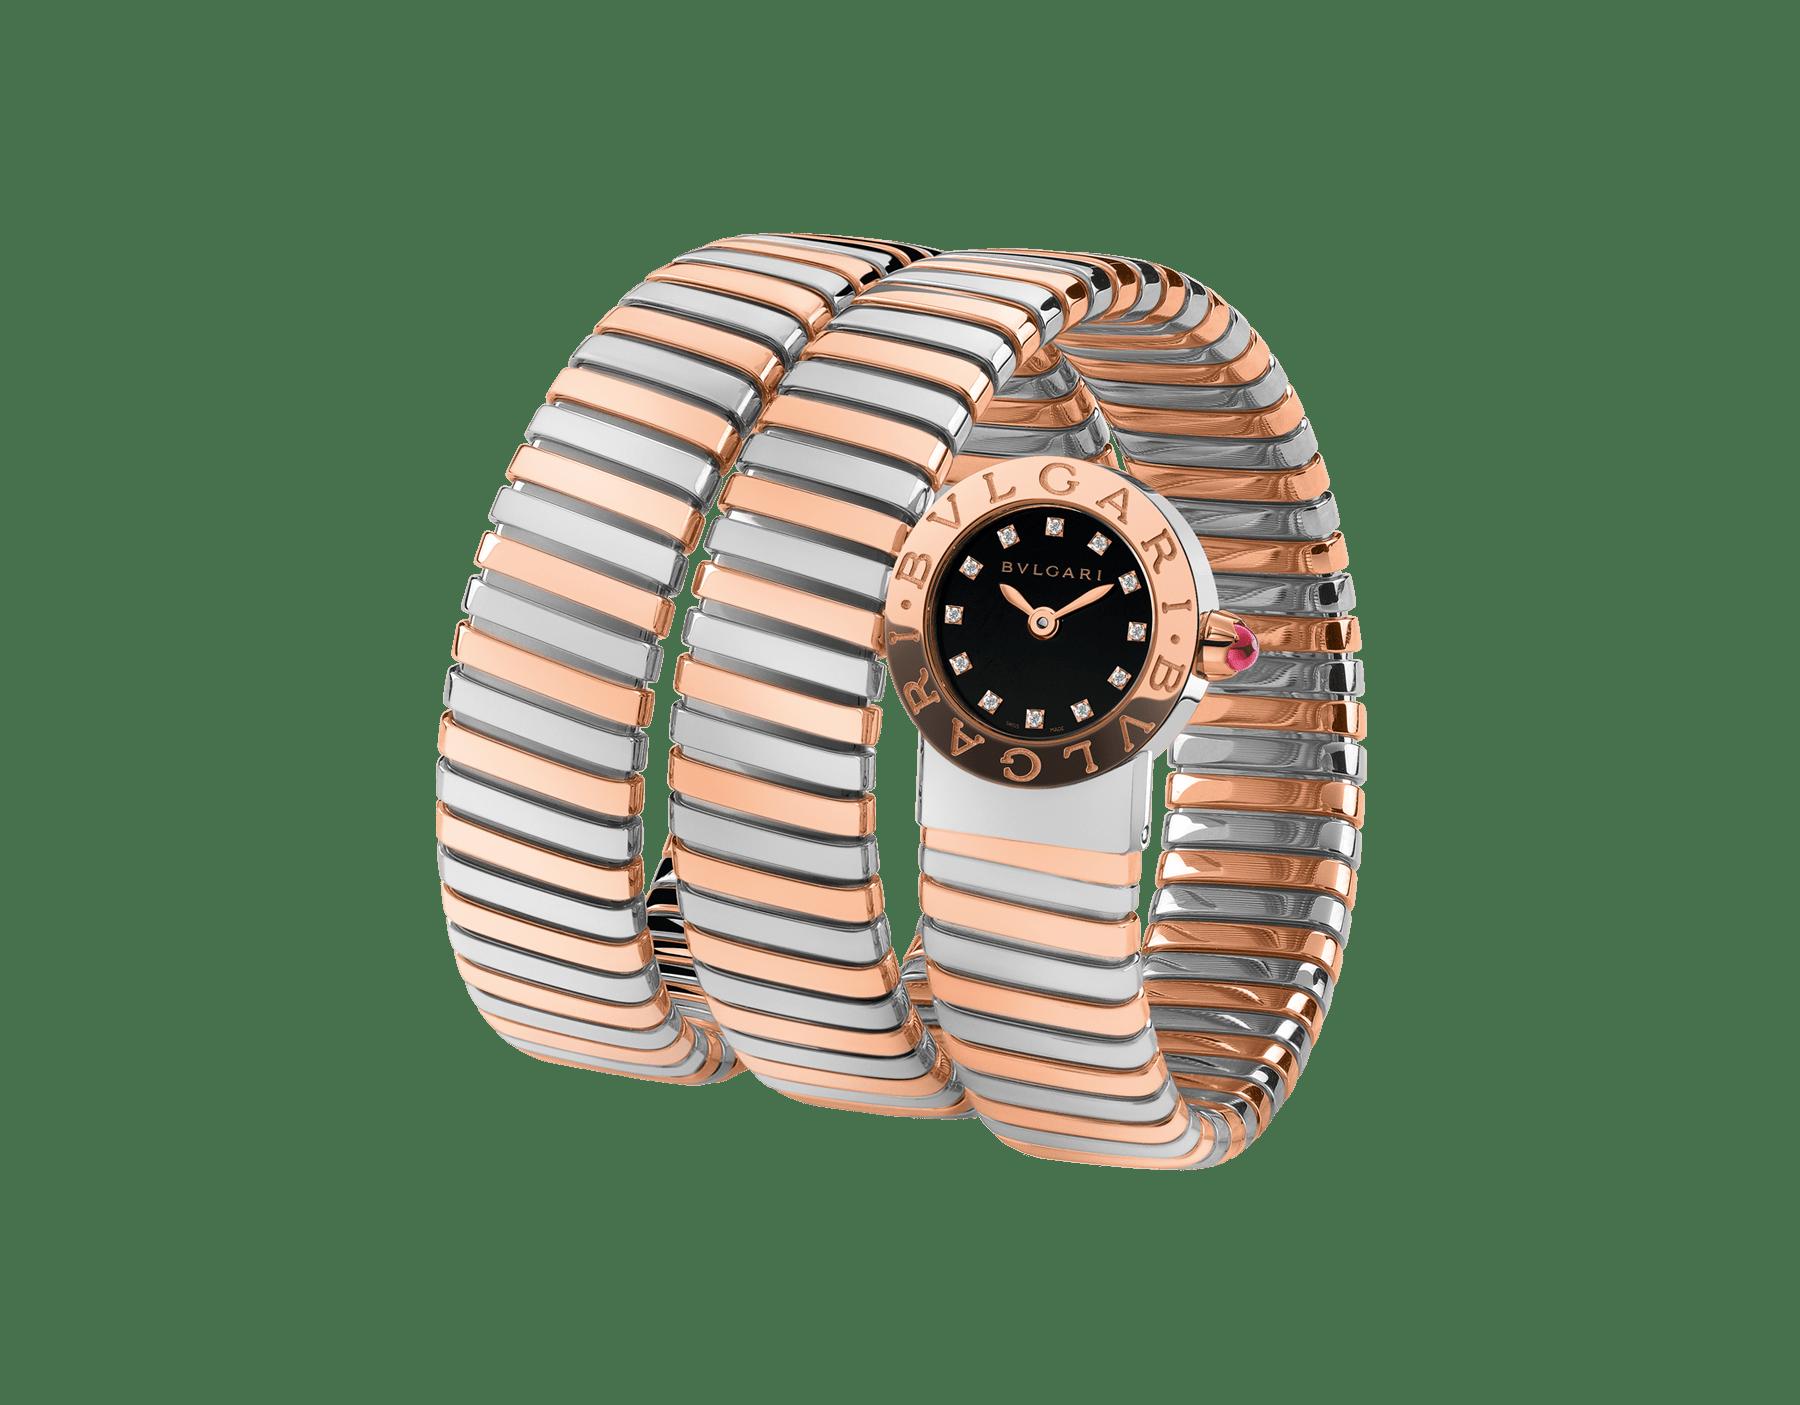 ブルガリ・ブルガリ トゥボガス ウォッチ。ステンレススティール&18Kピンクゴールド製ケースとダブルスパイラルブレスレット。ブラックラッカー仕上げのダイアル。ダイヤモンドインデックス。 102496 image 1